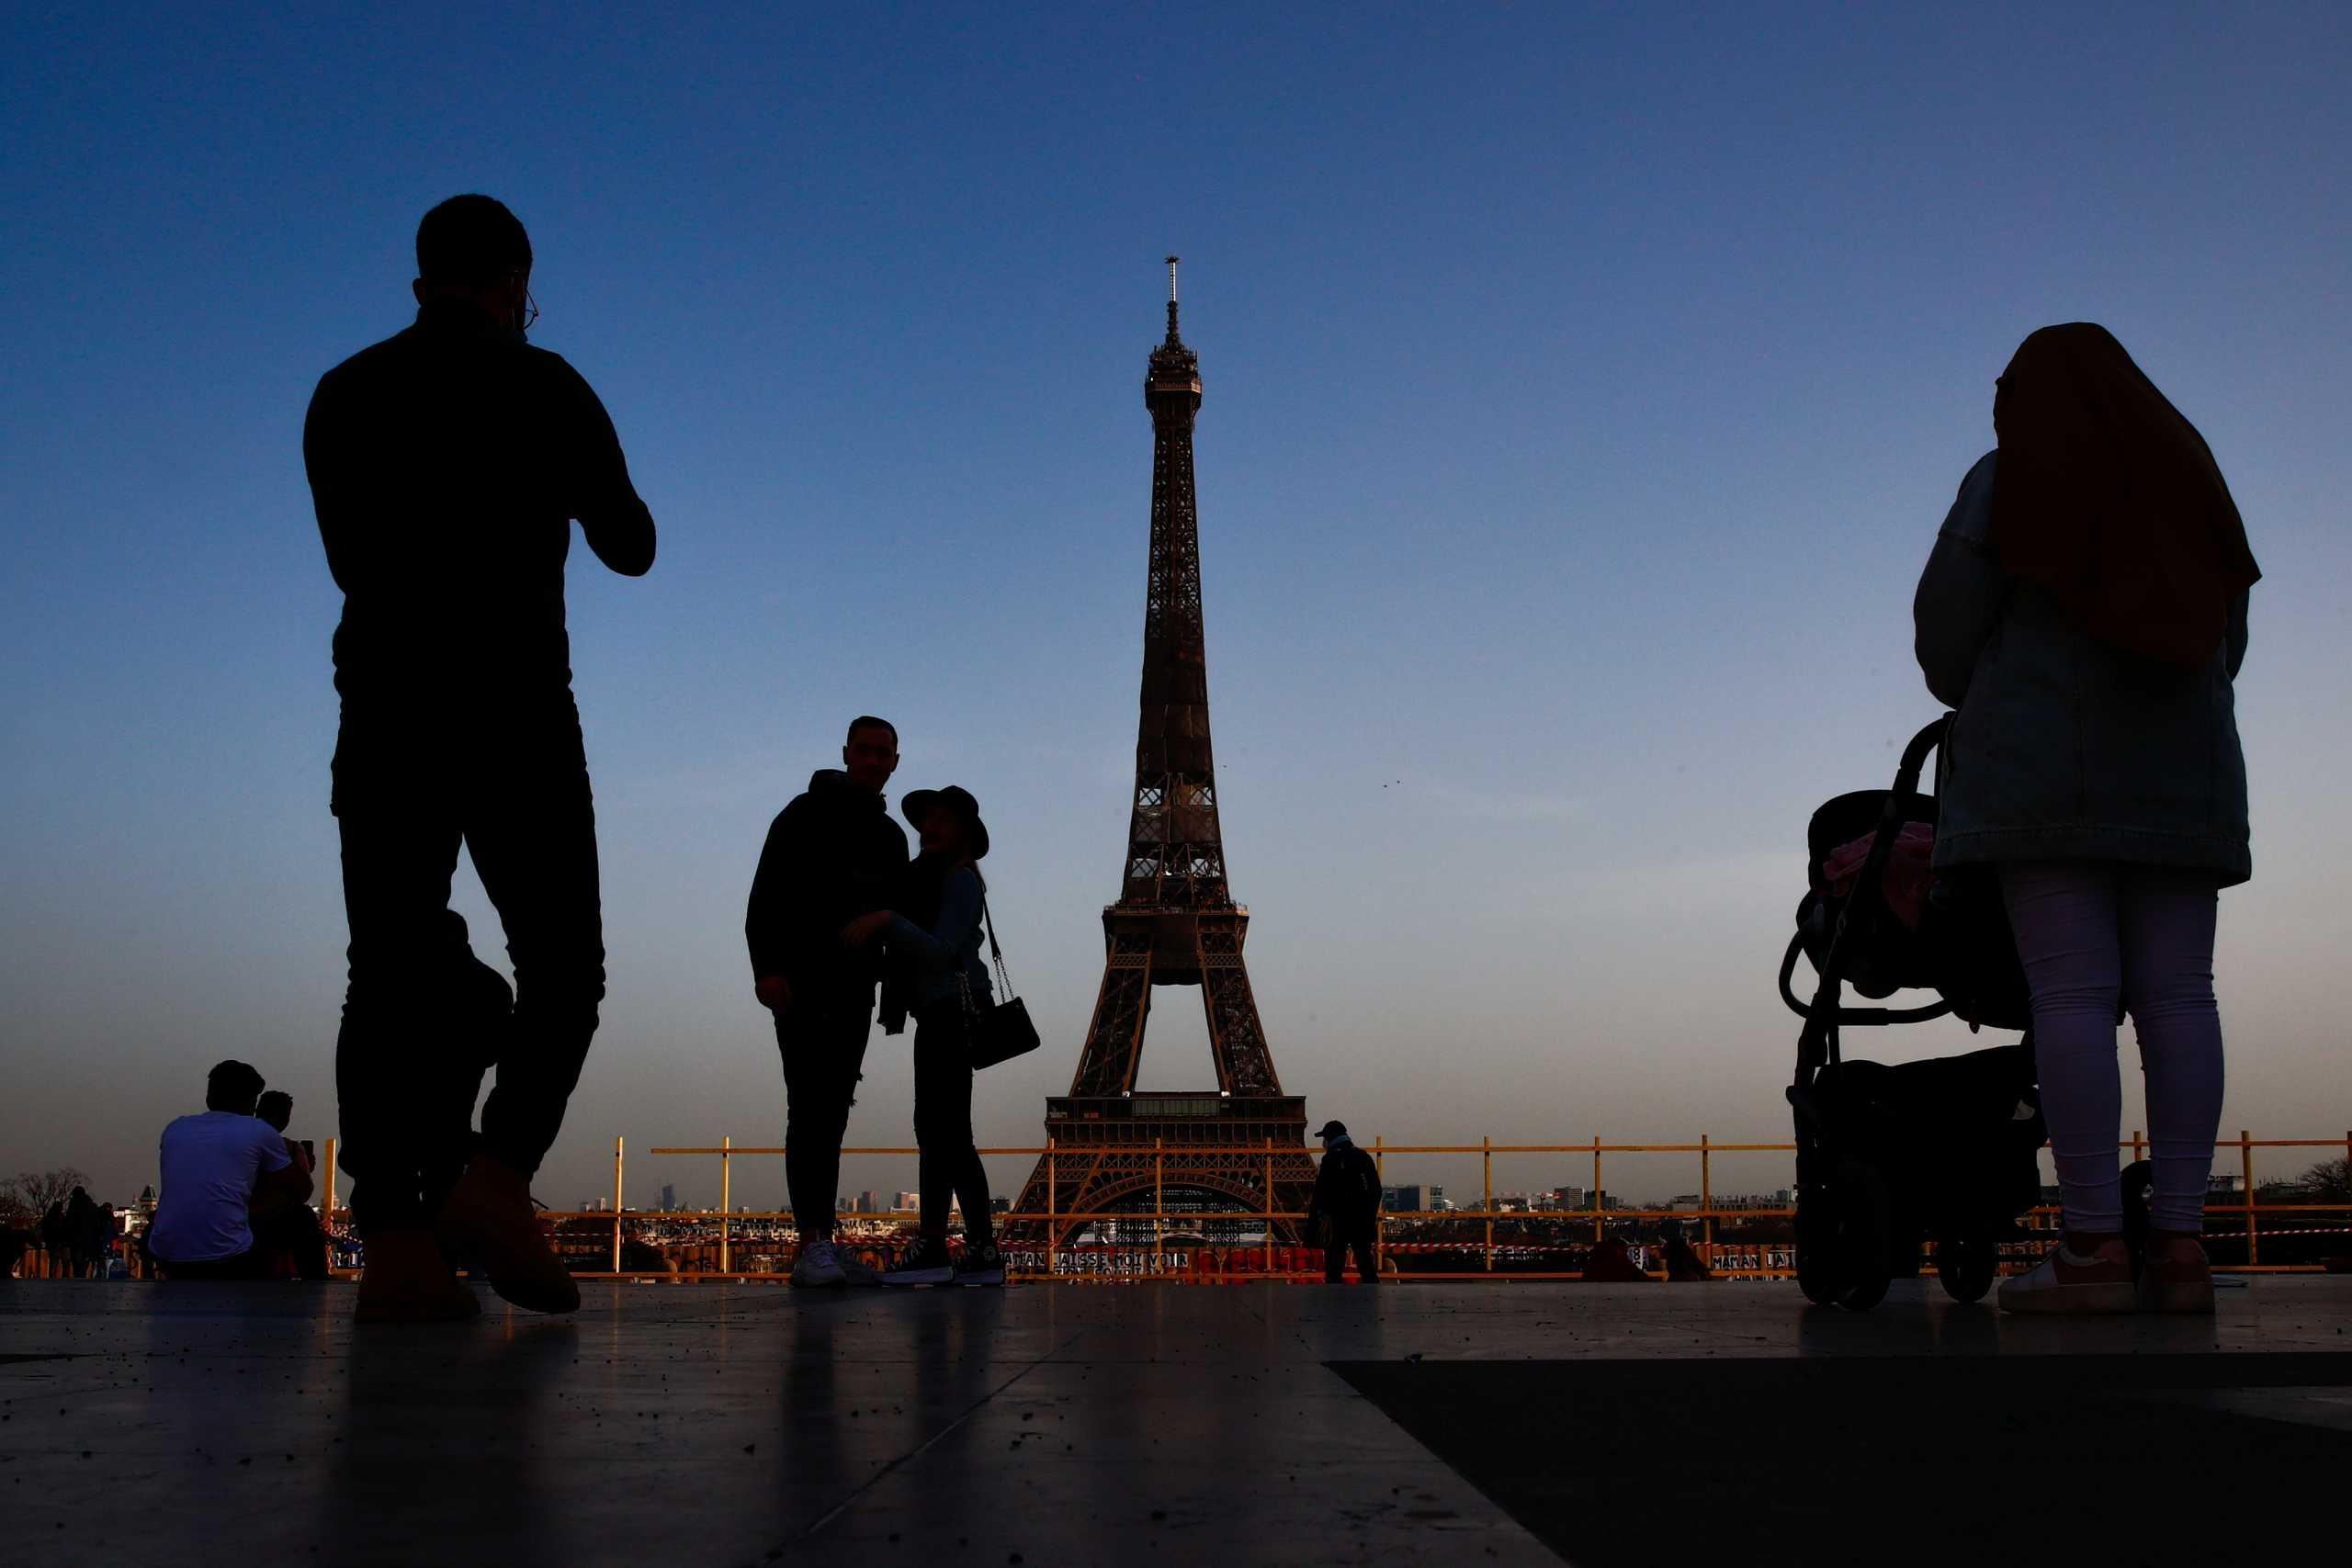 Ο κορονοϊός στέρησε από το Παρίσι 15,5 δισεκατομμύρια ευρώ